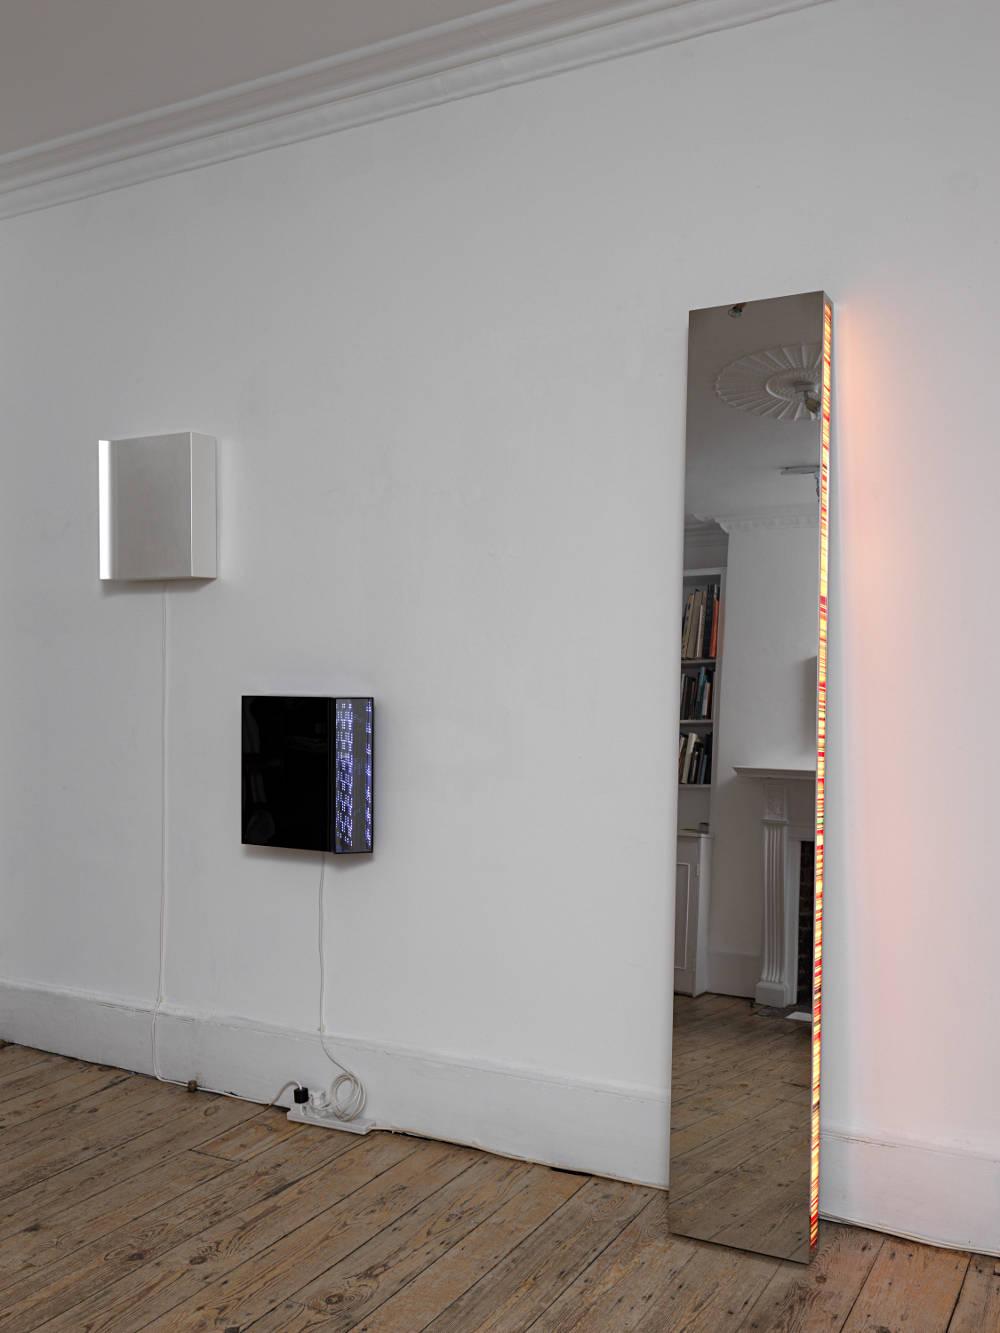 Patrick Heide Contemporary Art Hans Kotter 2